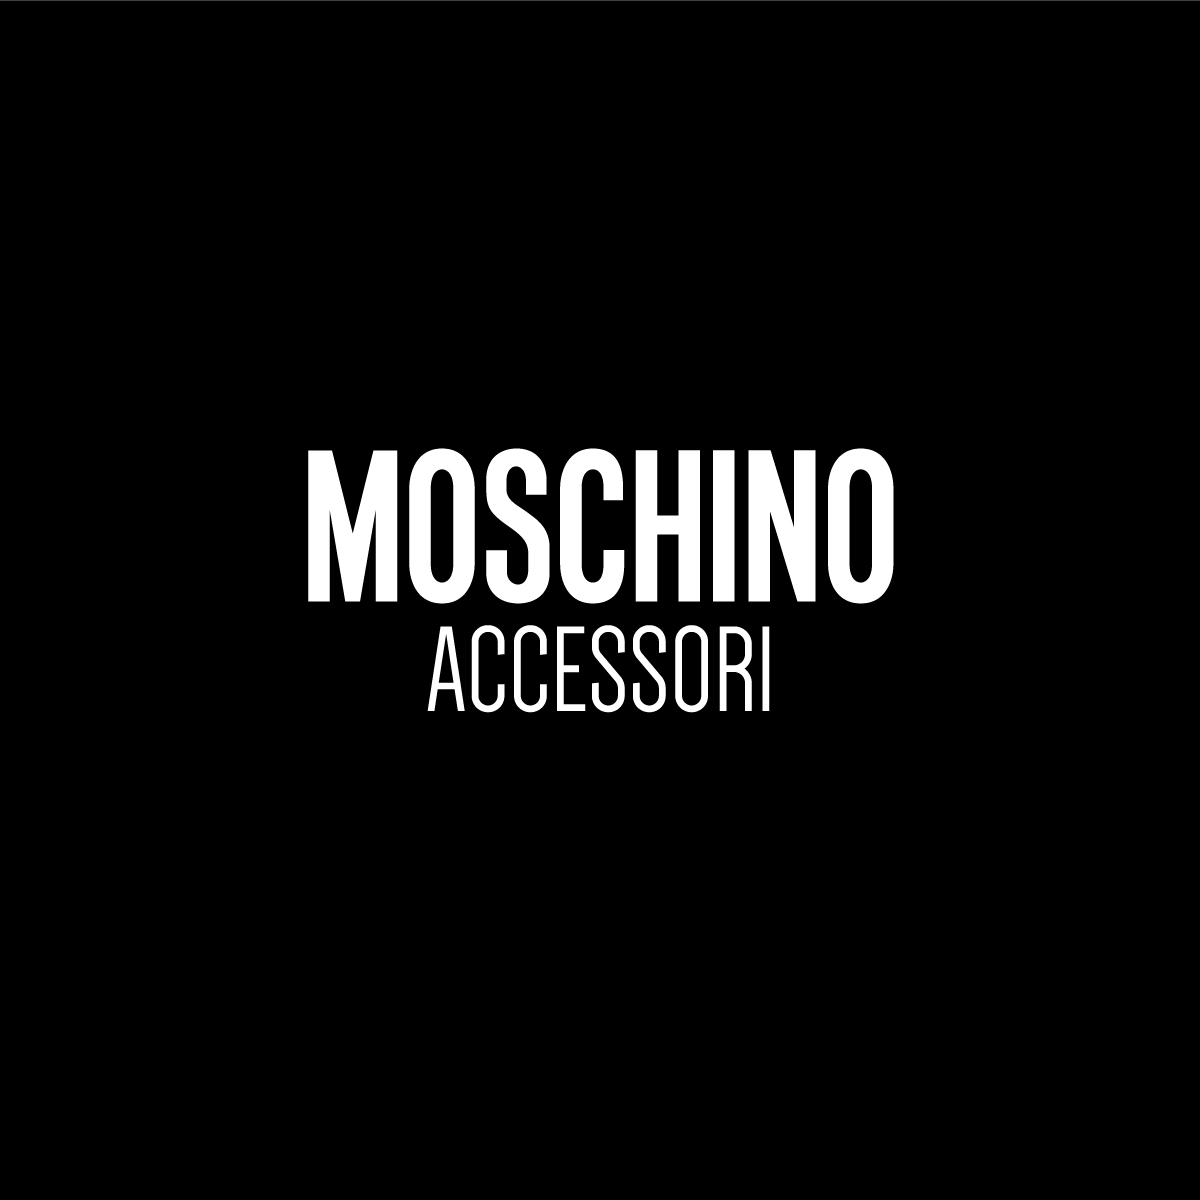 Moschino-Accessori-anteprima